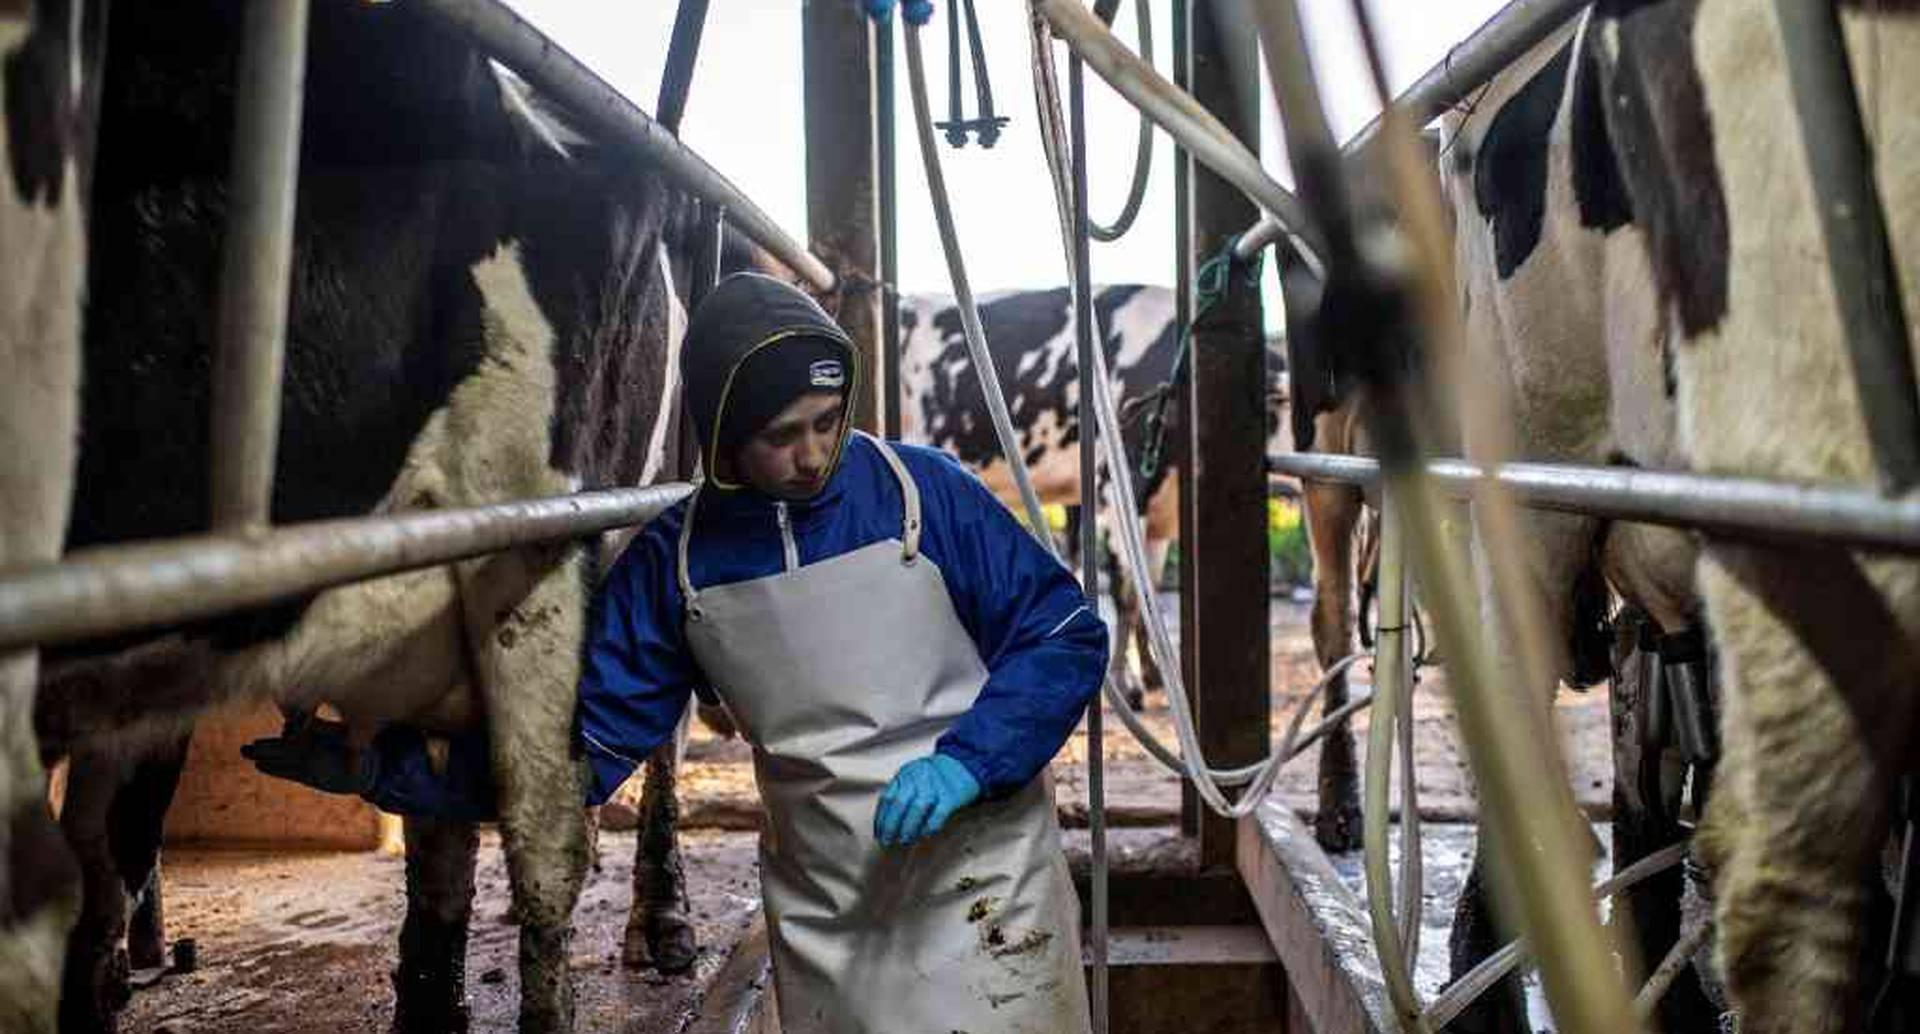 Una granja lechera familiar en Uruguay. 4 de septiembre de 2019. Foto: Pedro Ugarte / AFP